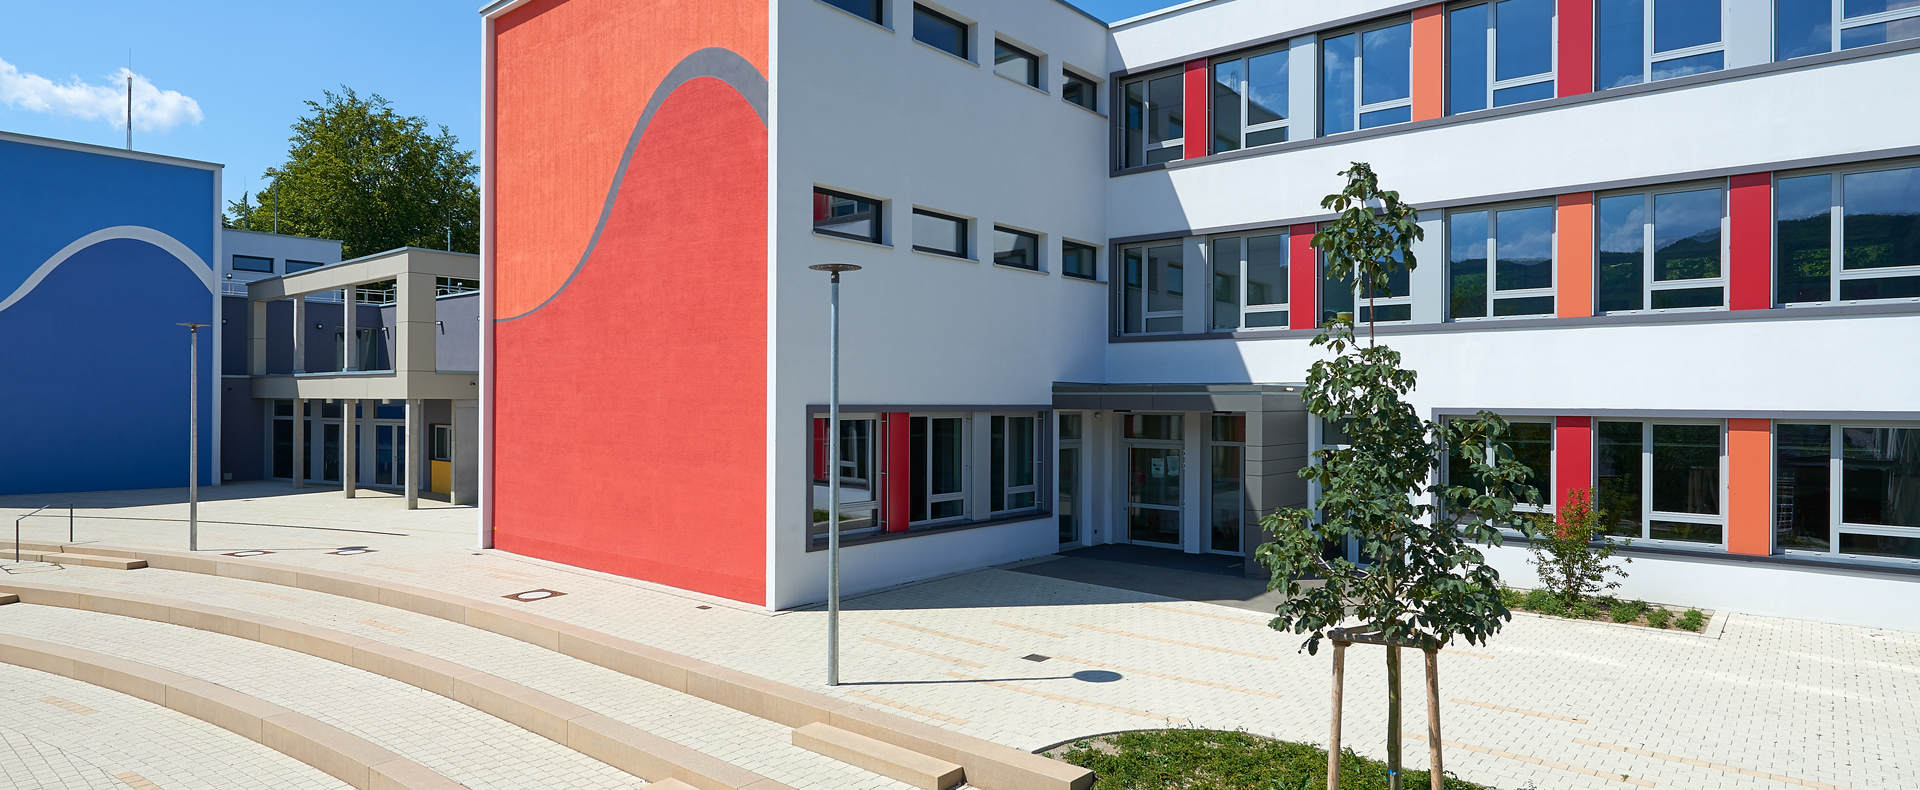 Achalmschule Eningen_Headliner_1920x790